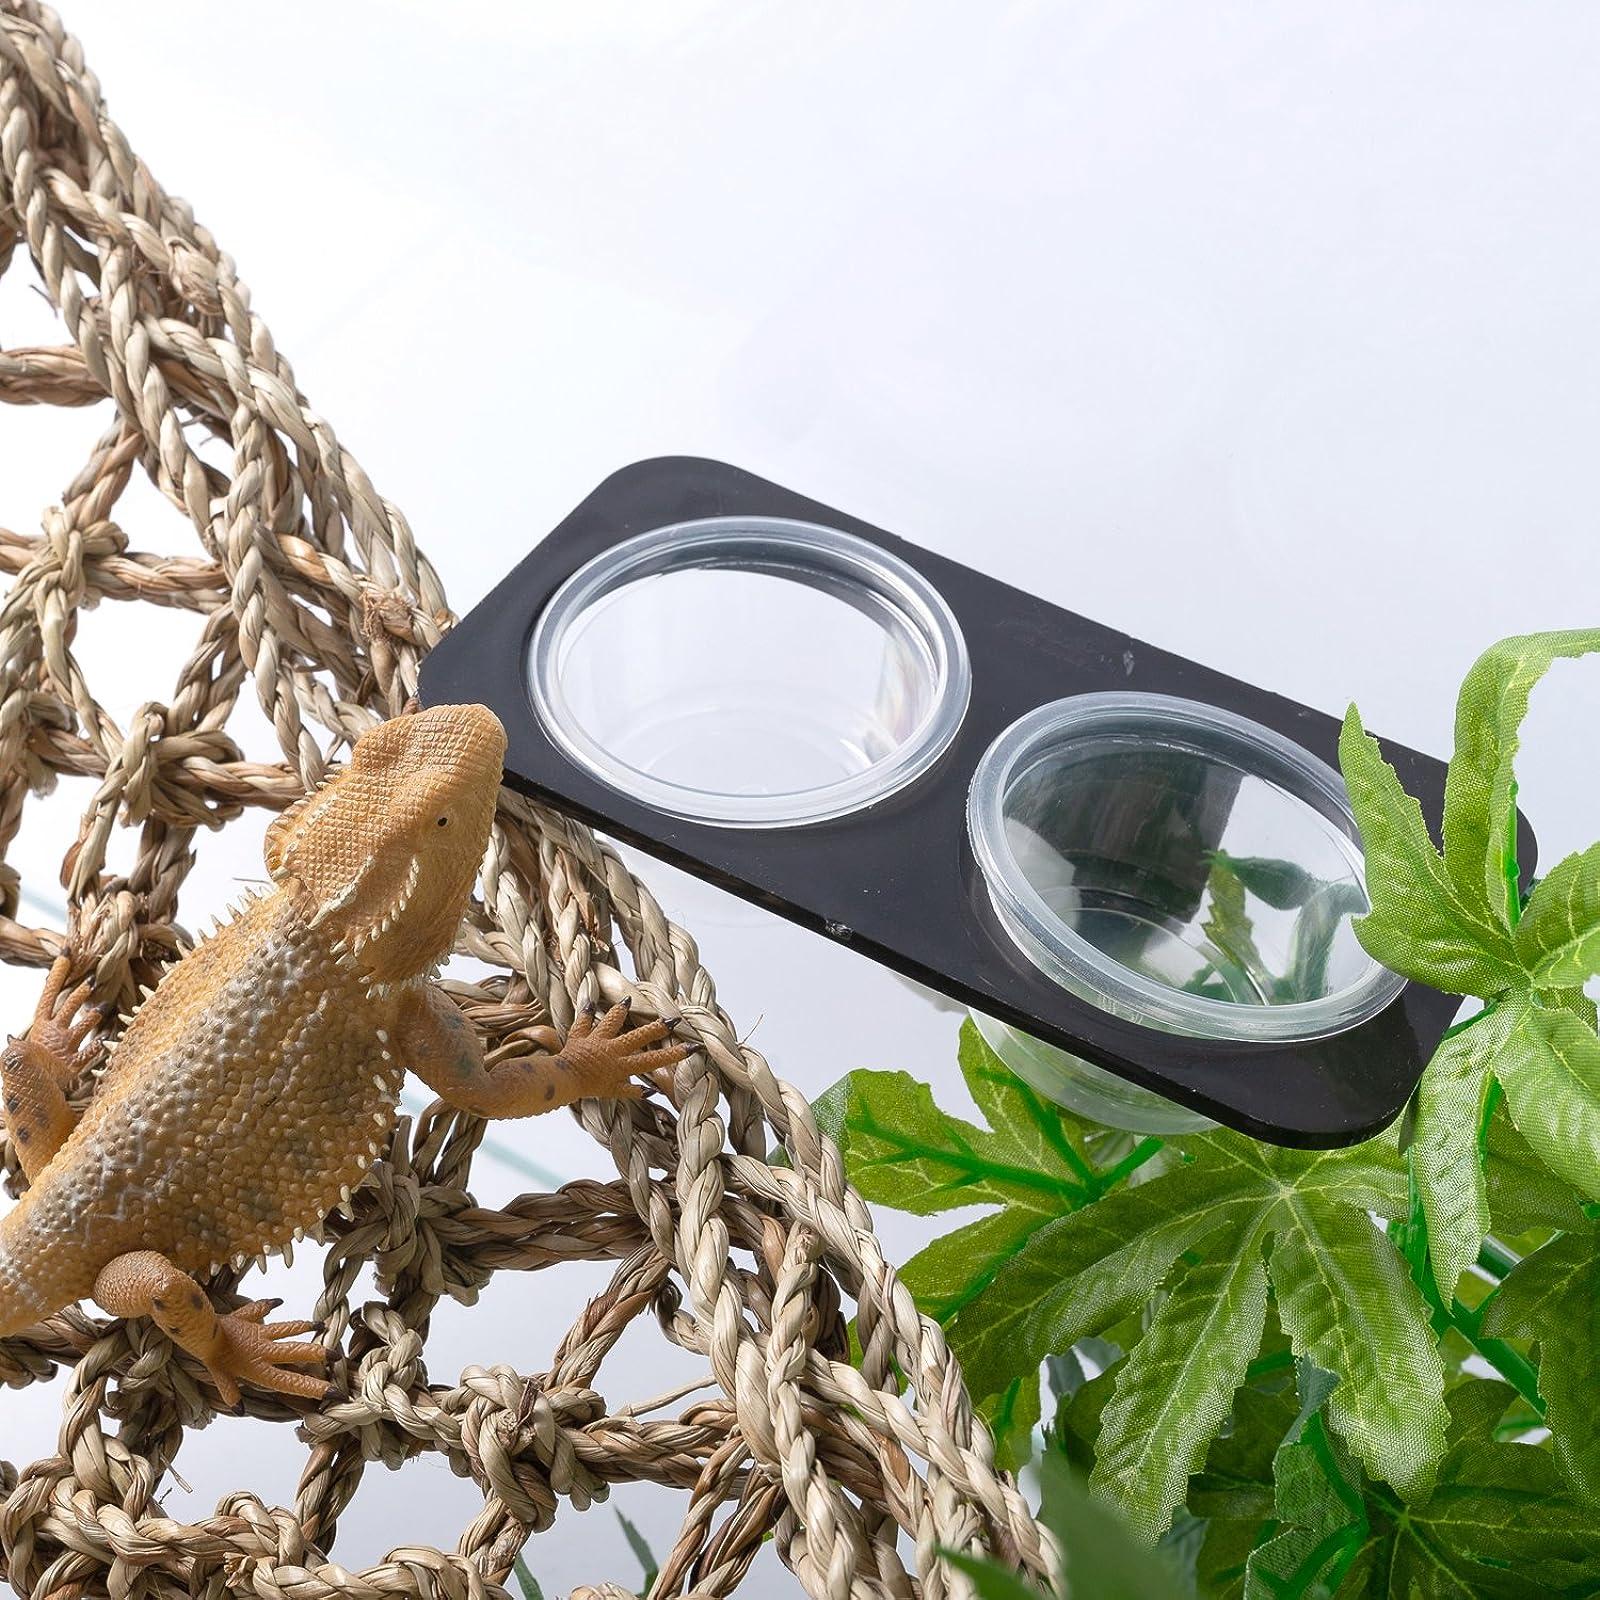 SLSON Gecko Feeder Ledge Acrylic Suction Cup - 6